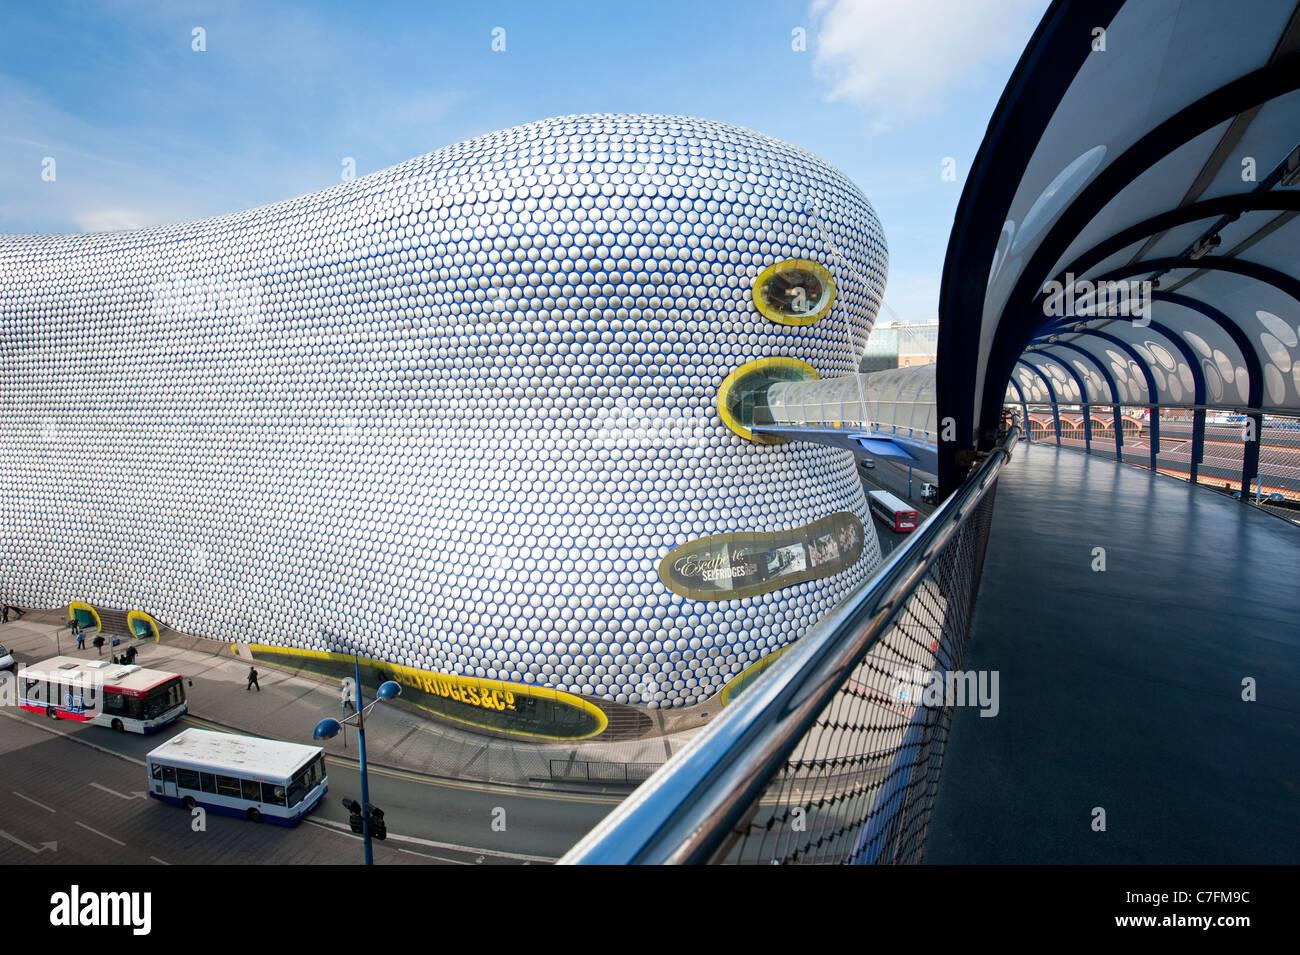 Ponte di Selfridges al Bull Ring Shopping Centre, Birmingham, Regno Unito Immagini Stock